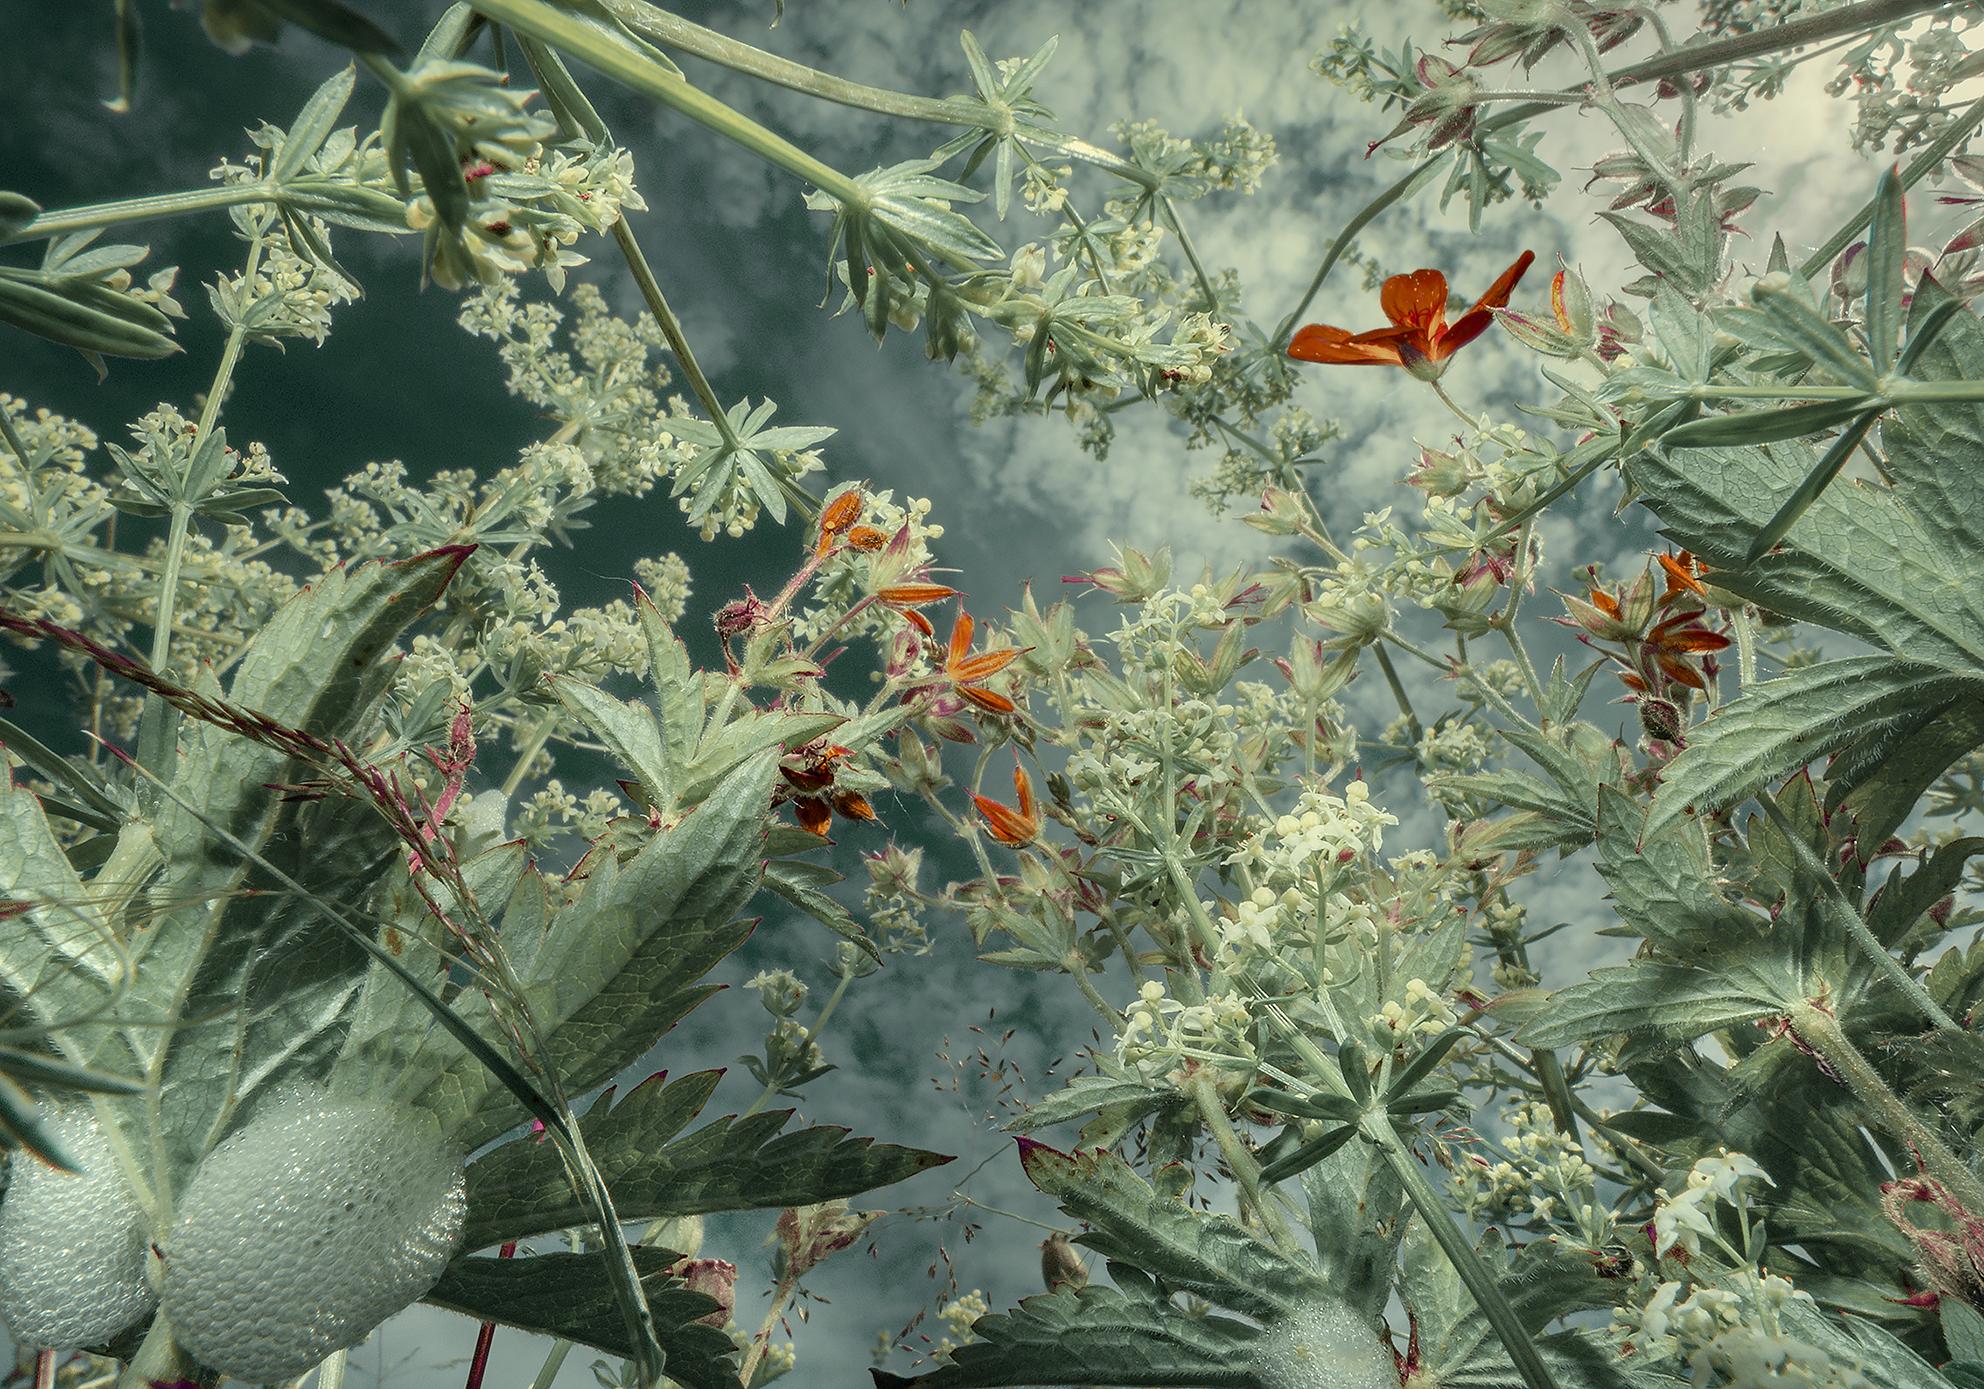 La Flore Au Ras Du Sol De Tine Poppe